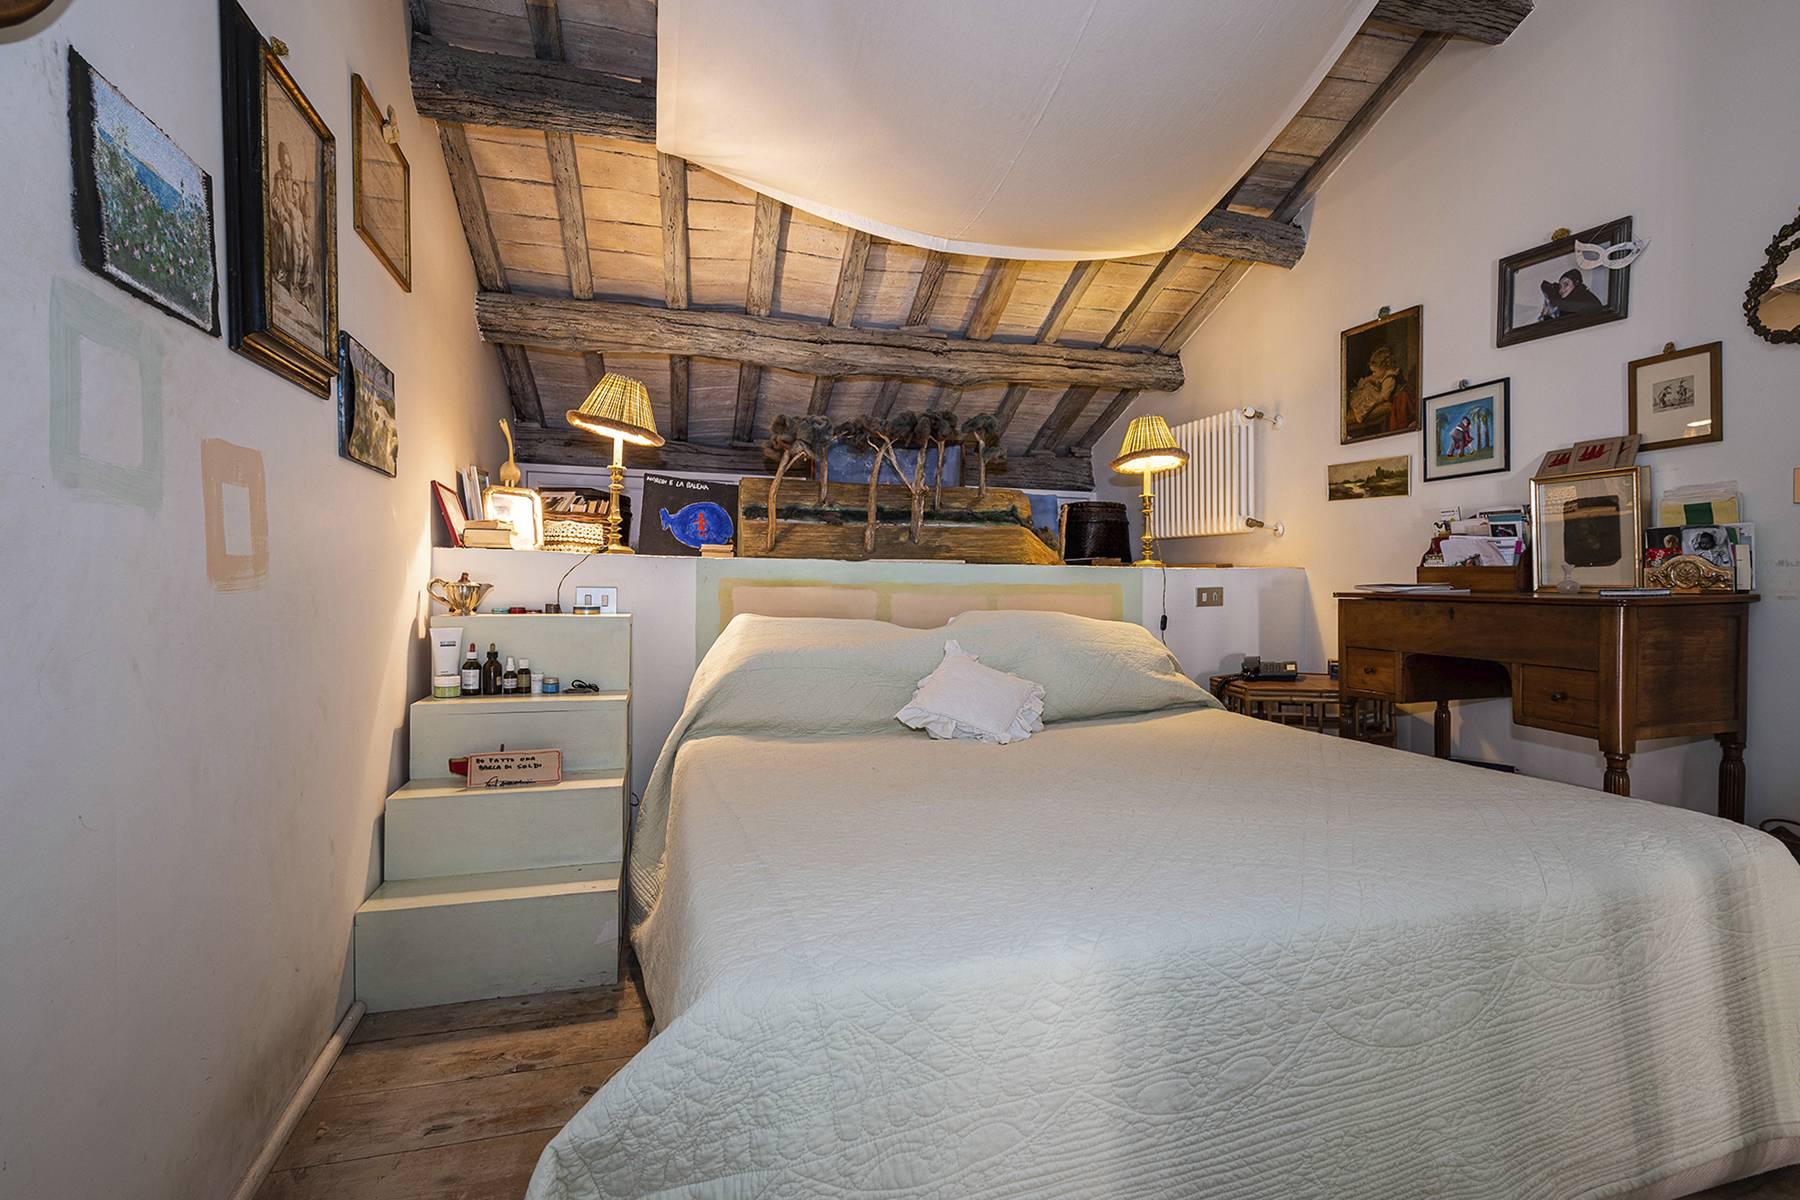 Casa indipendente in Vendita a Roma: 5 locali, 200 mq - Foto 14